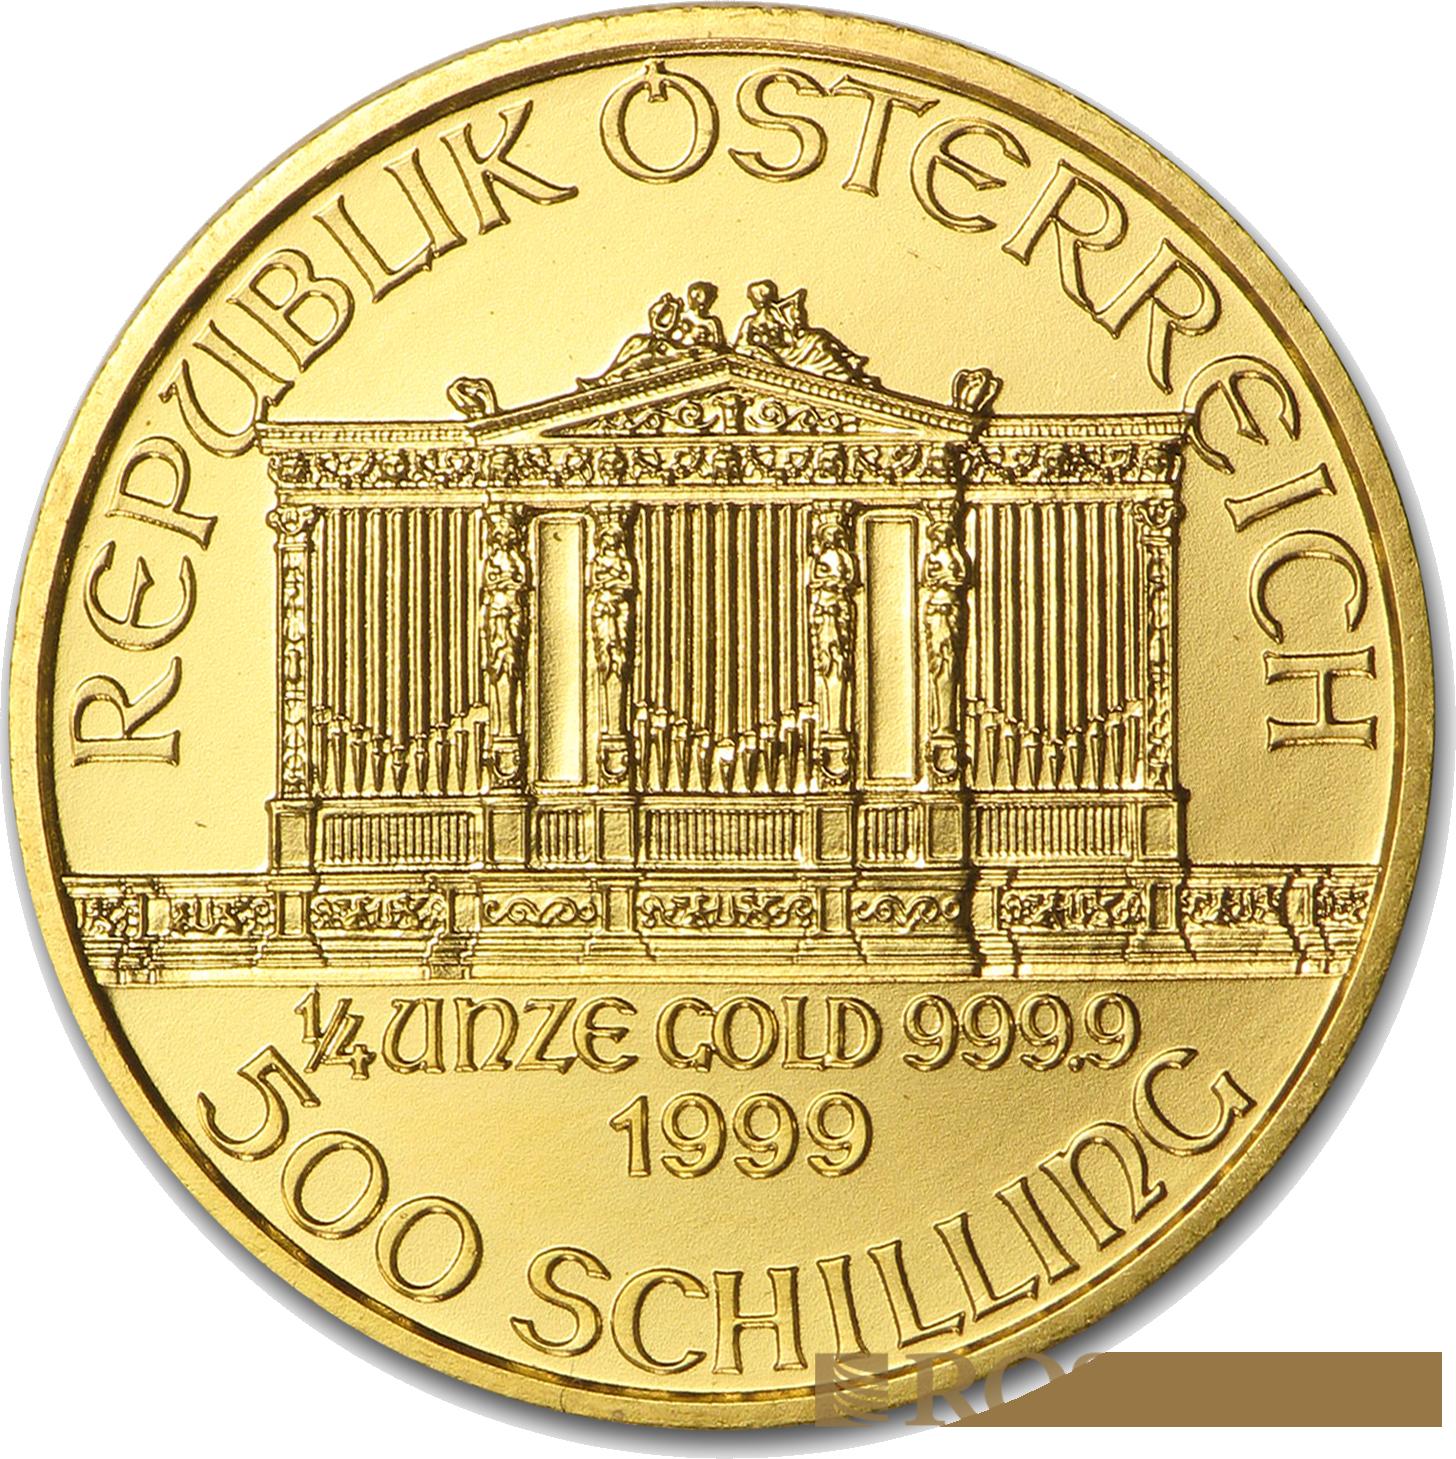 1/4 Unze Goldmünze Wiener Philharmoniker 1999